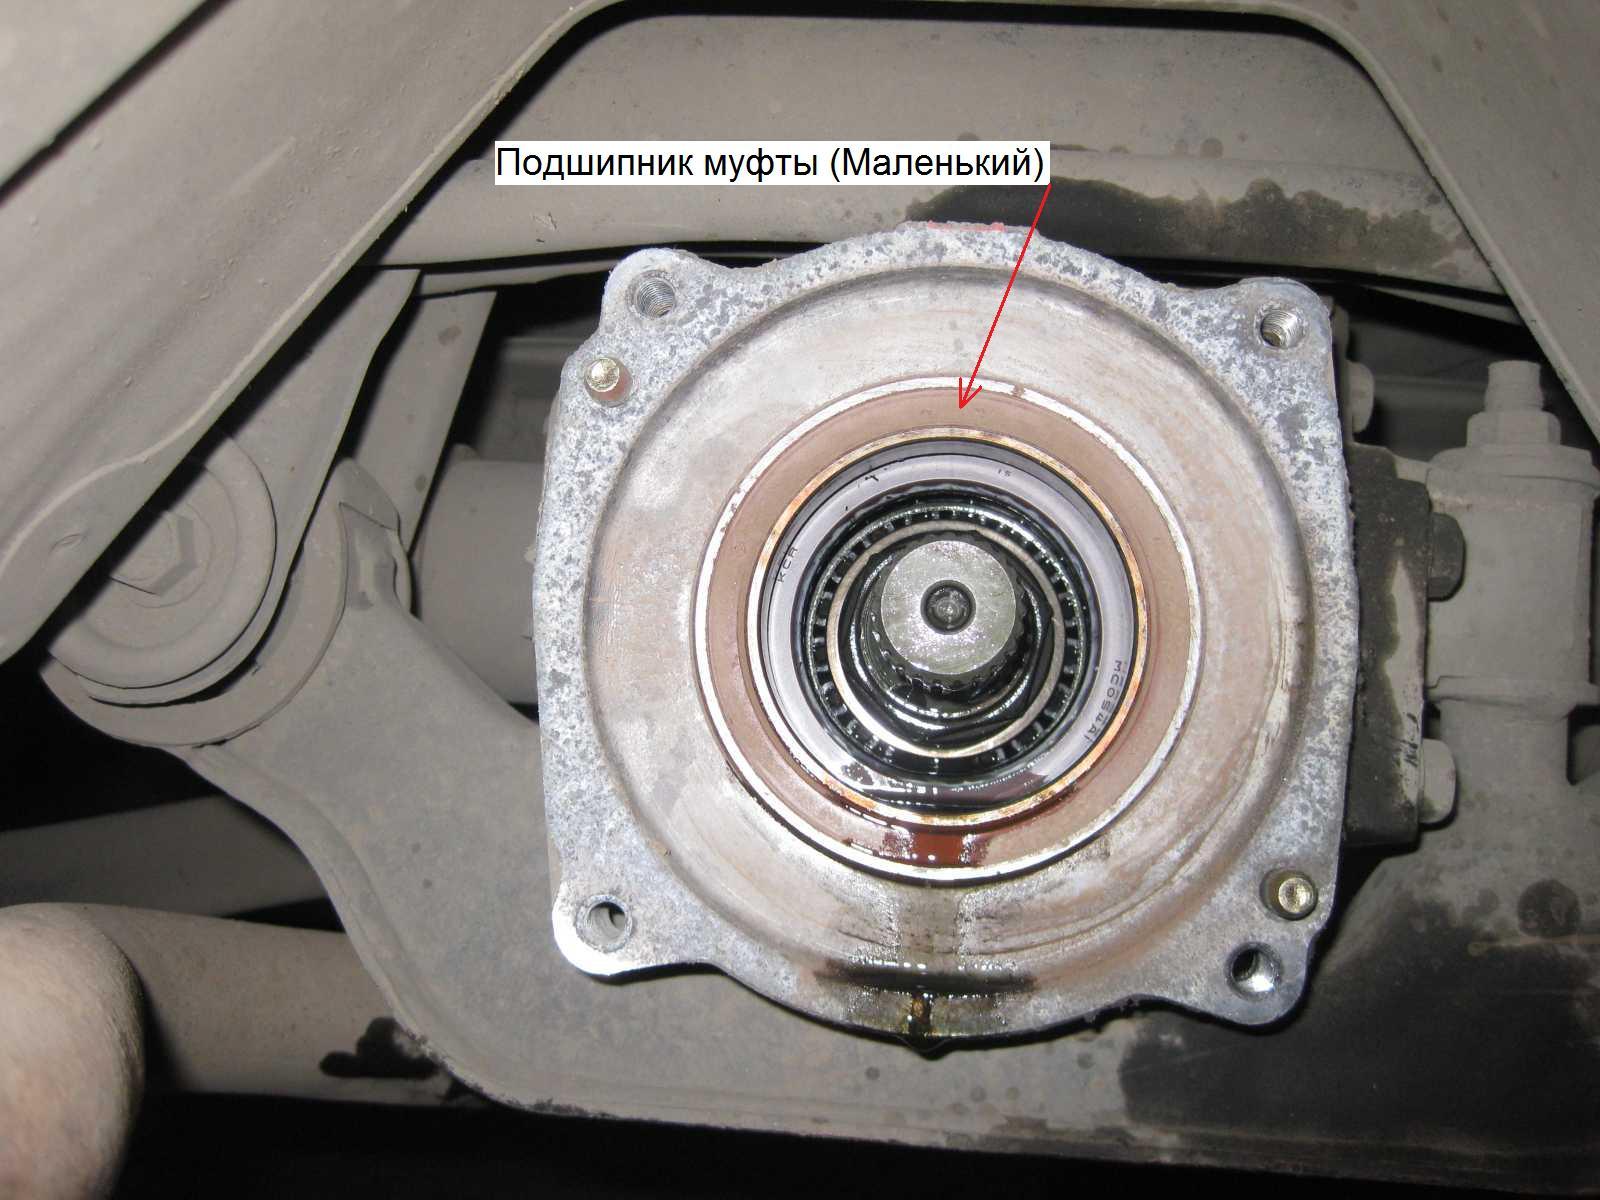 тойота привода камри подшипника опорного снятие